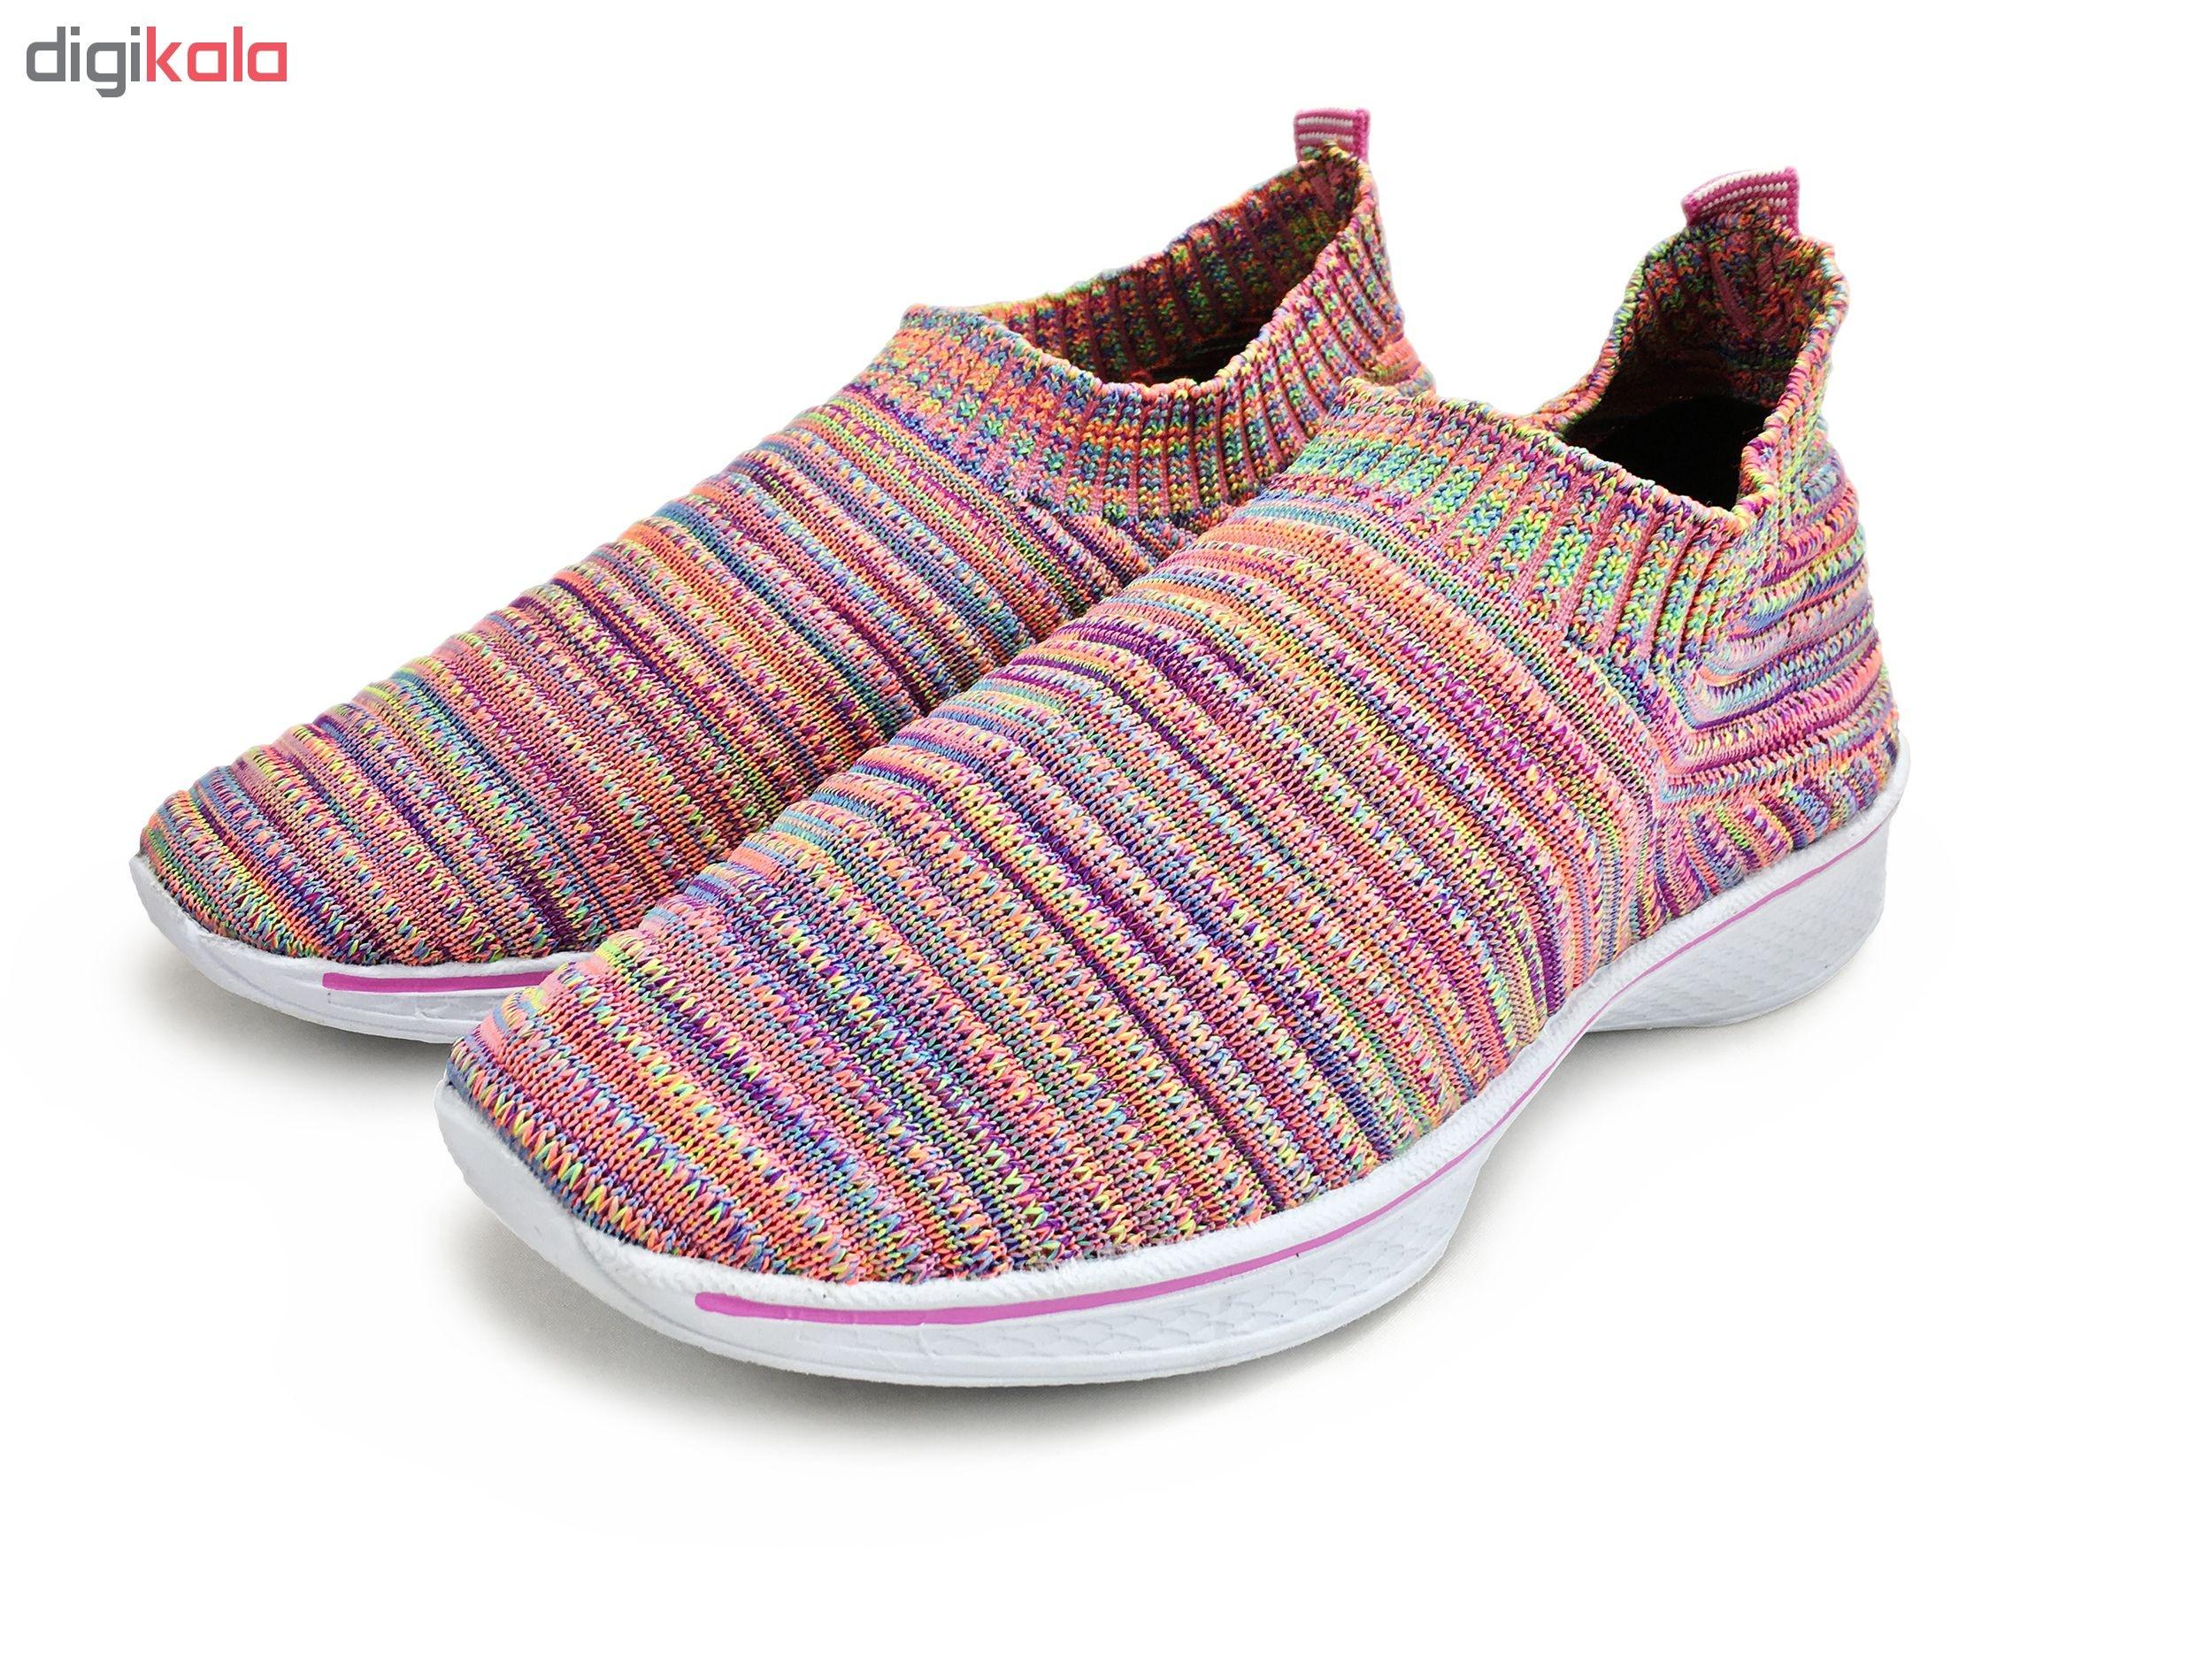 کفش مخصوص پیاده روی زنانه نسیم مدل مارسی کد A210              خرید